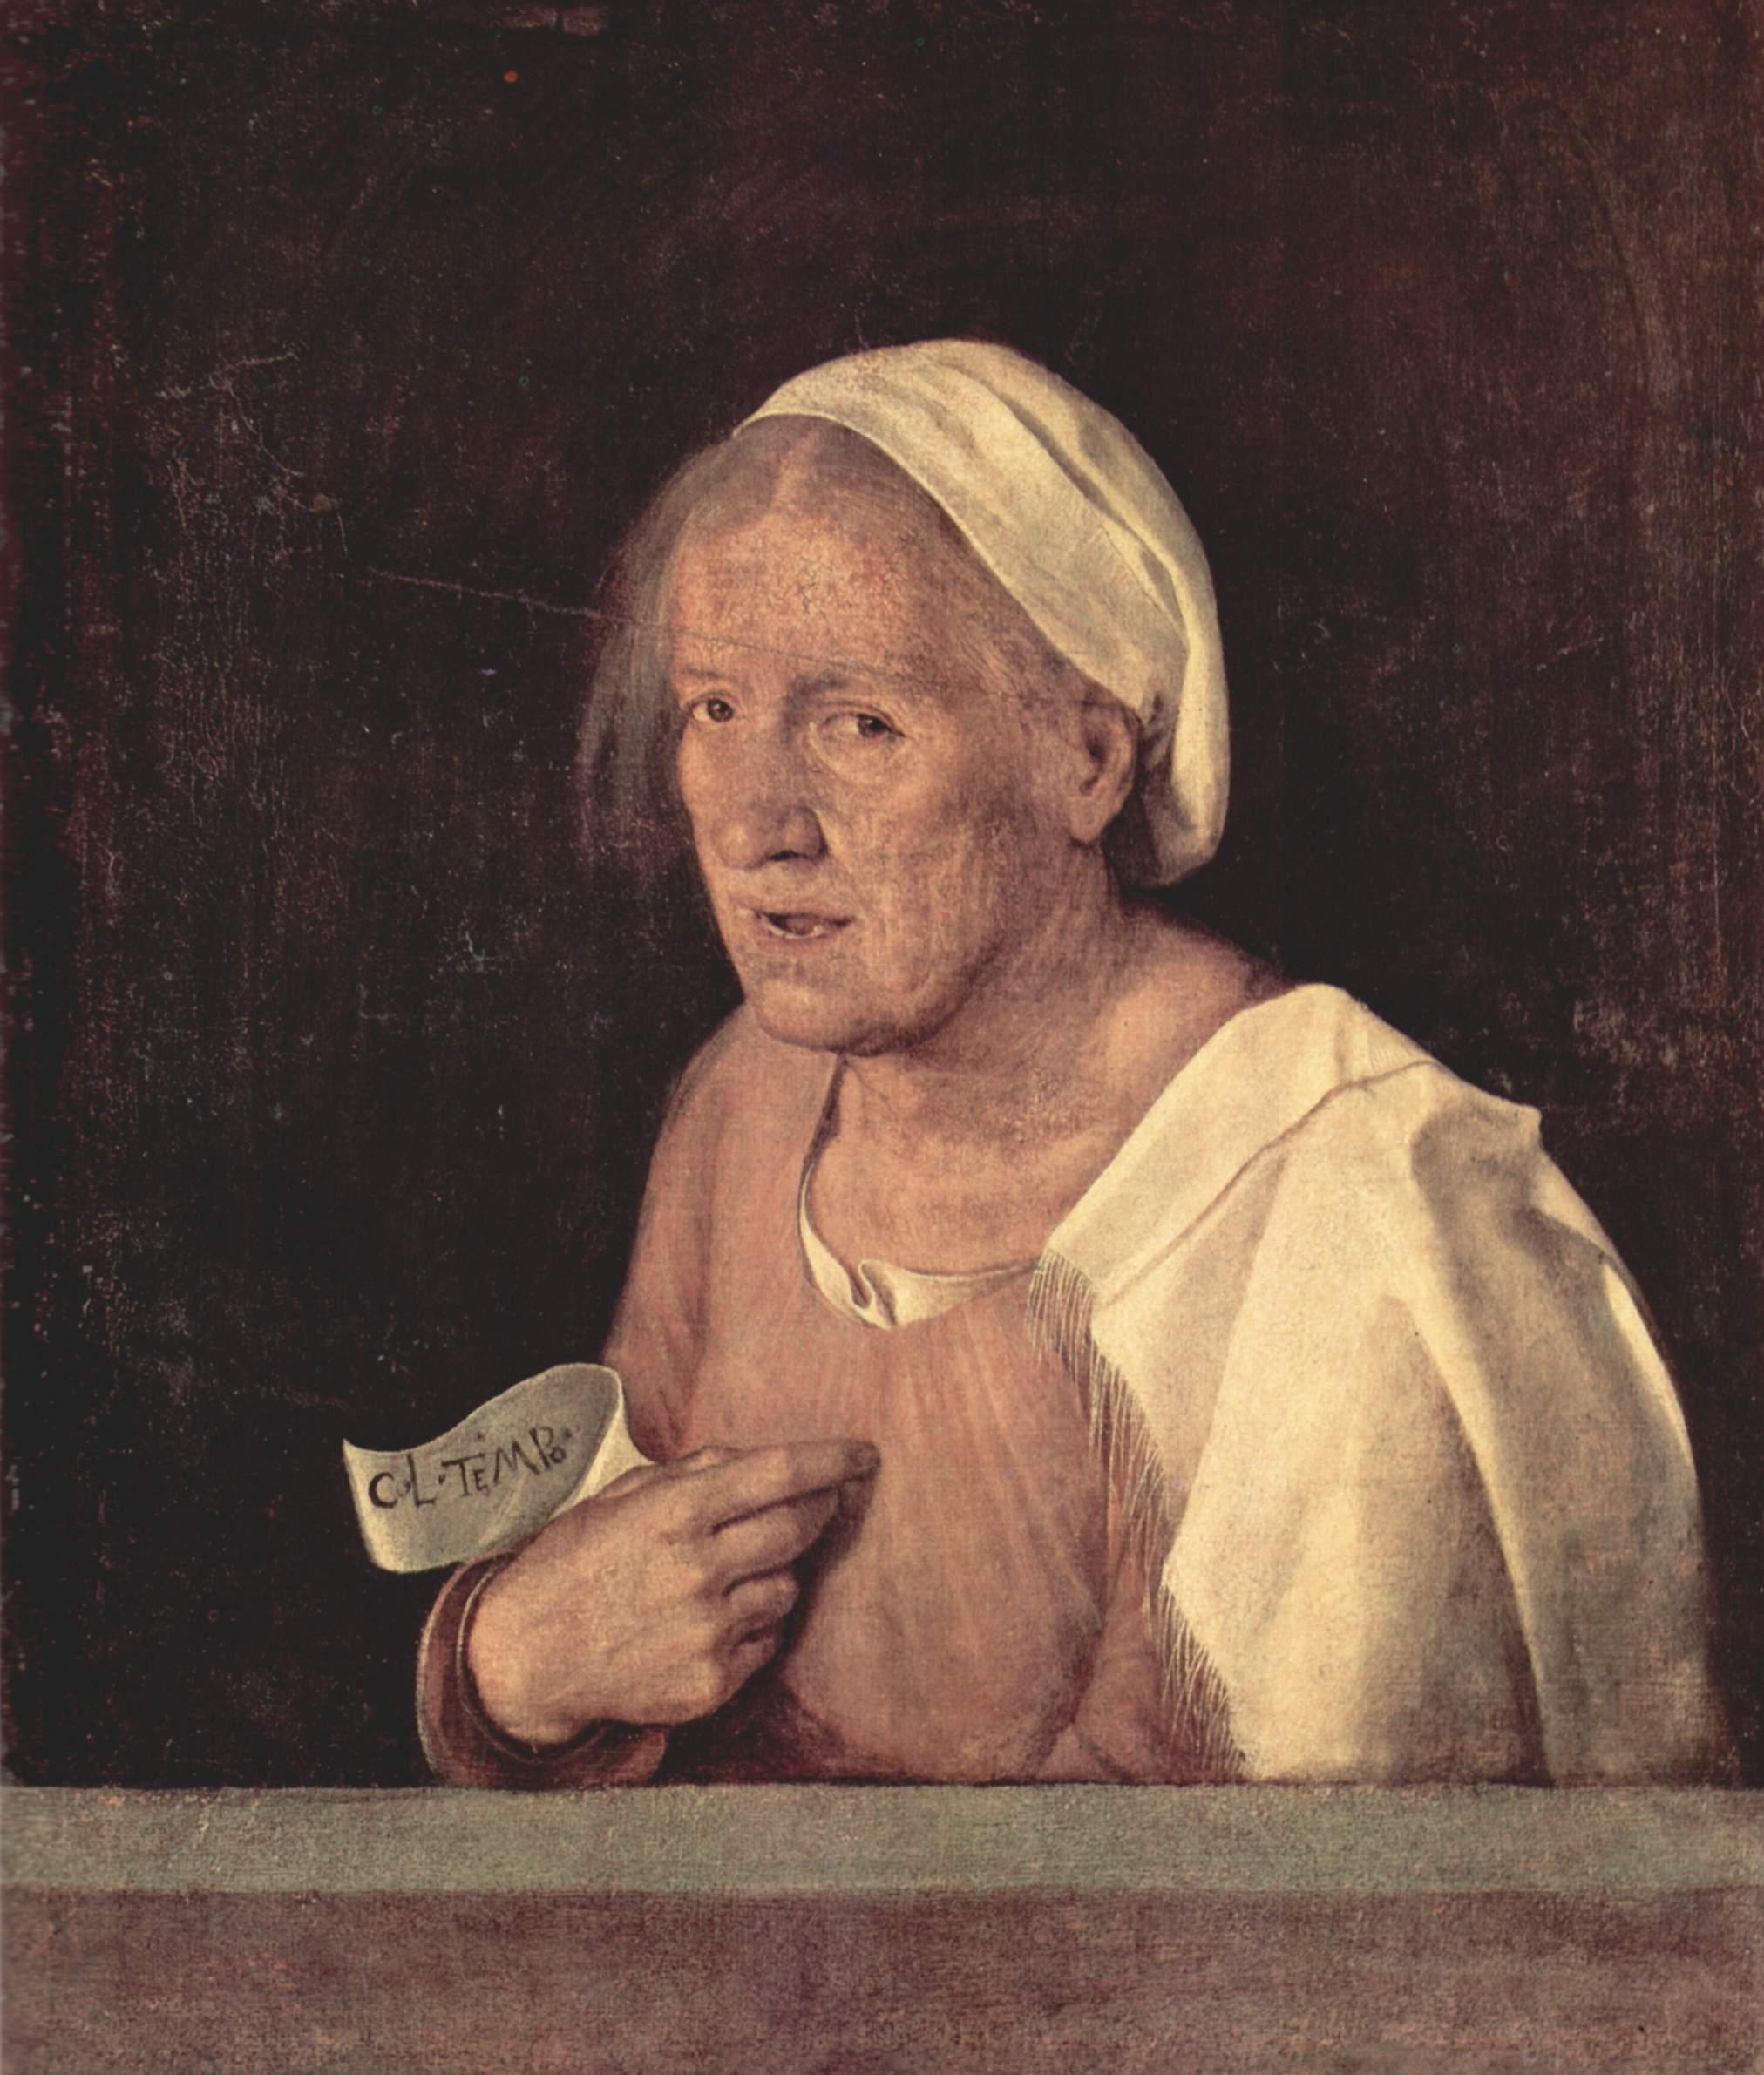 <img200*0:http://upload.wikimedia.org/wikipedia/commons/b/b0/Giorgione_051.jpg>